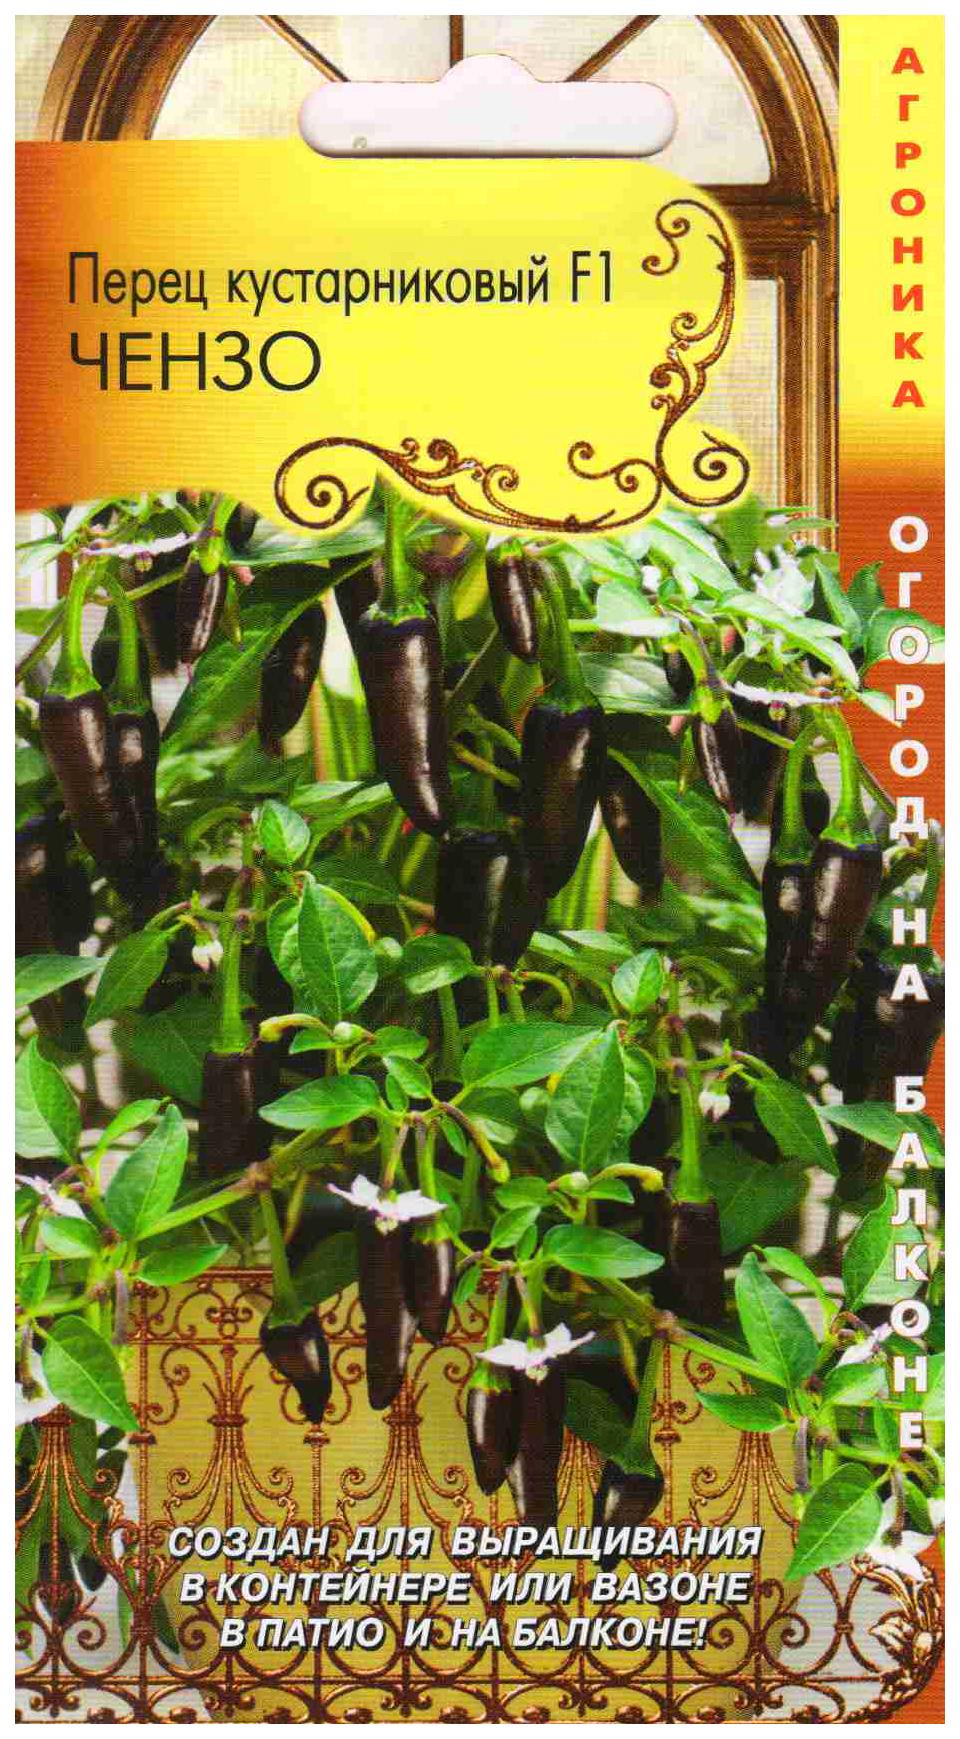 Семена Перец кустарниковый Чензо F1, 7